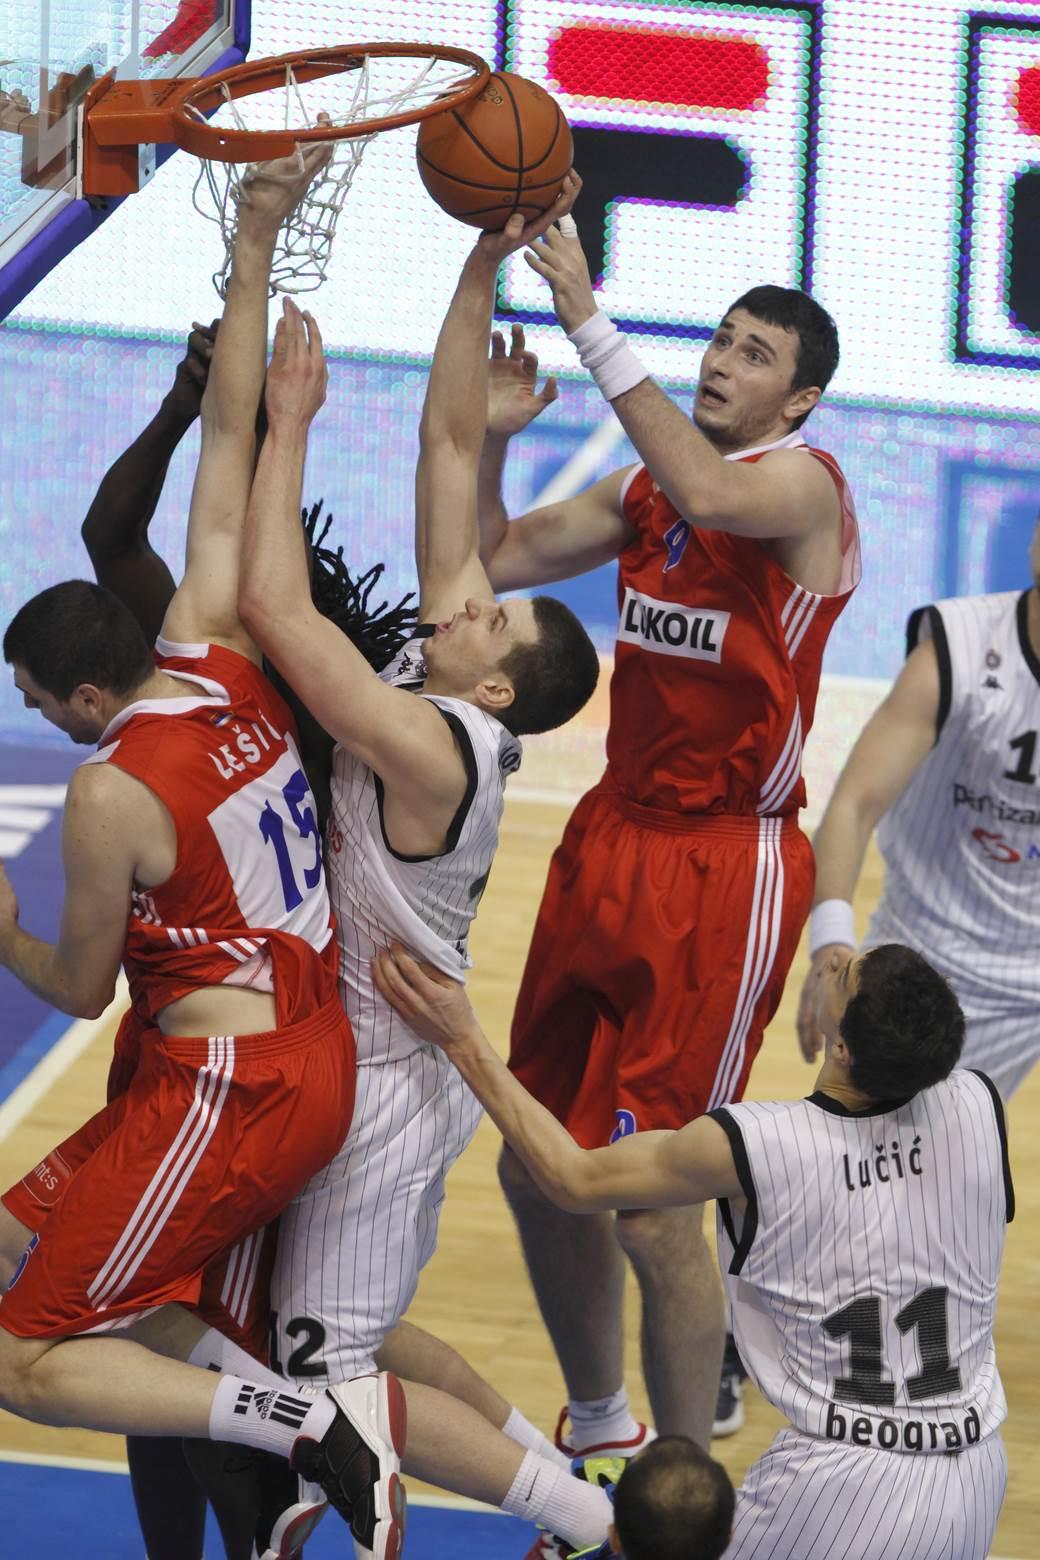 Detalj sa utakmice Partizana i Zvezde iz decembra 2011.